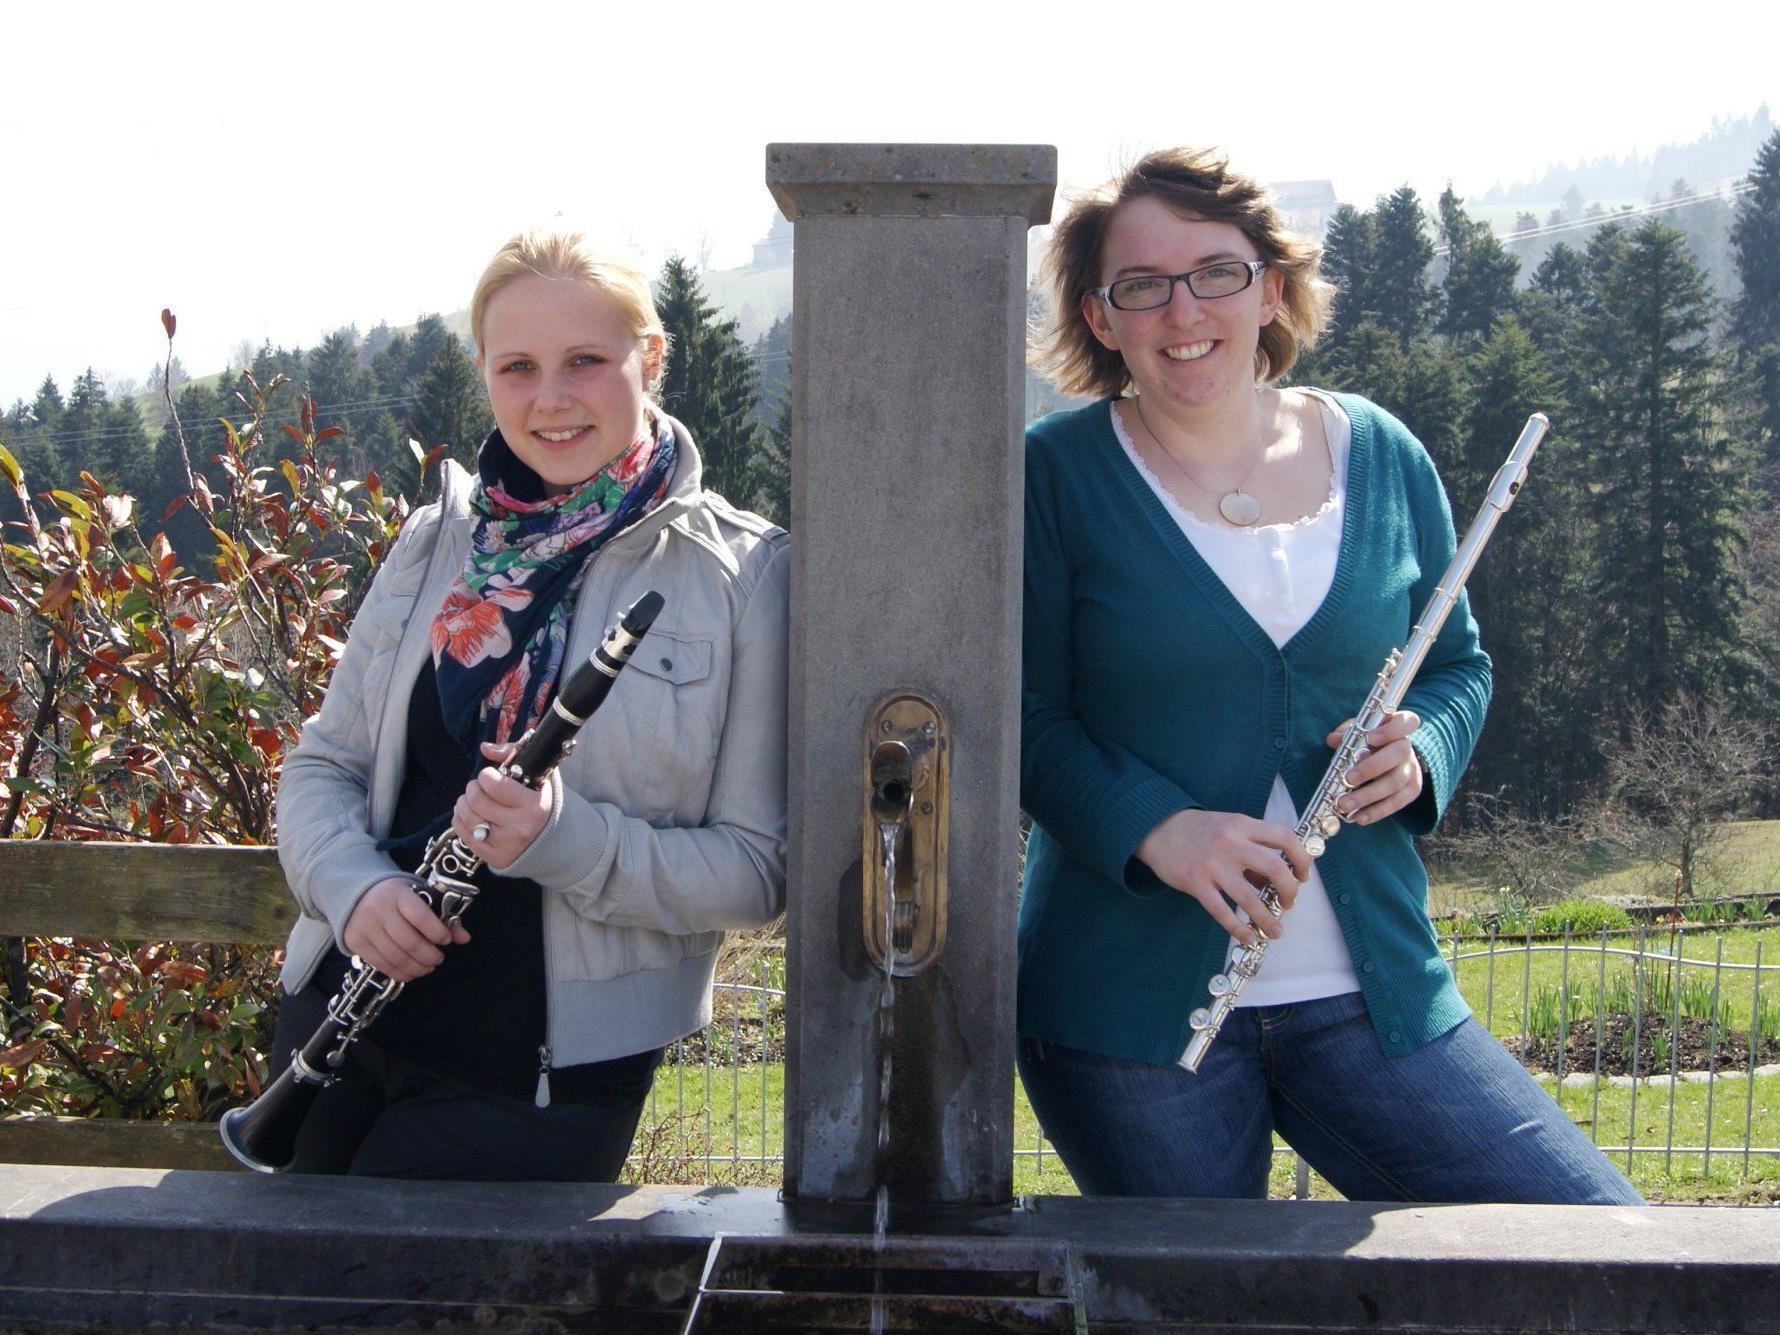 Carina und Fabienne haben Spaß beim Musikverein